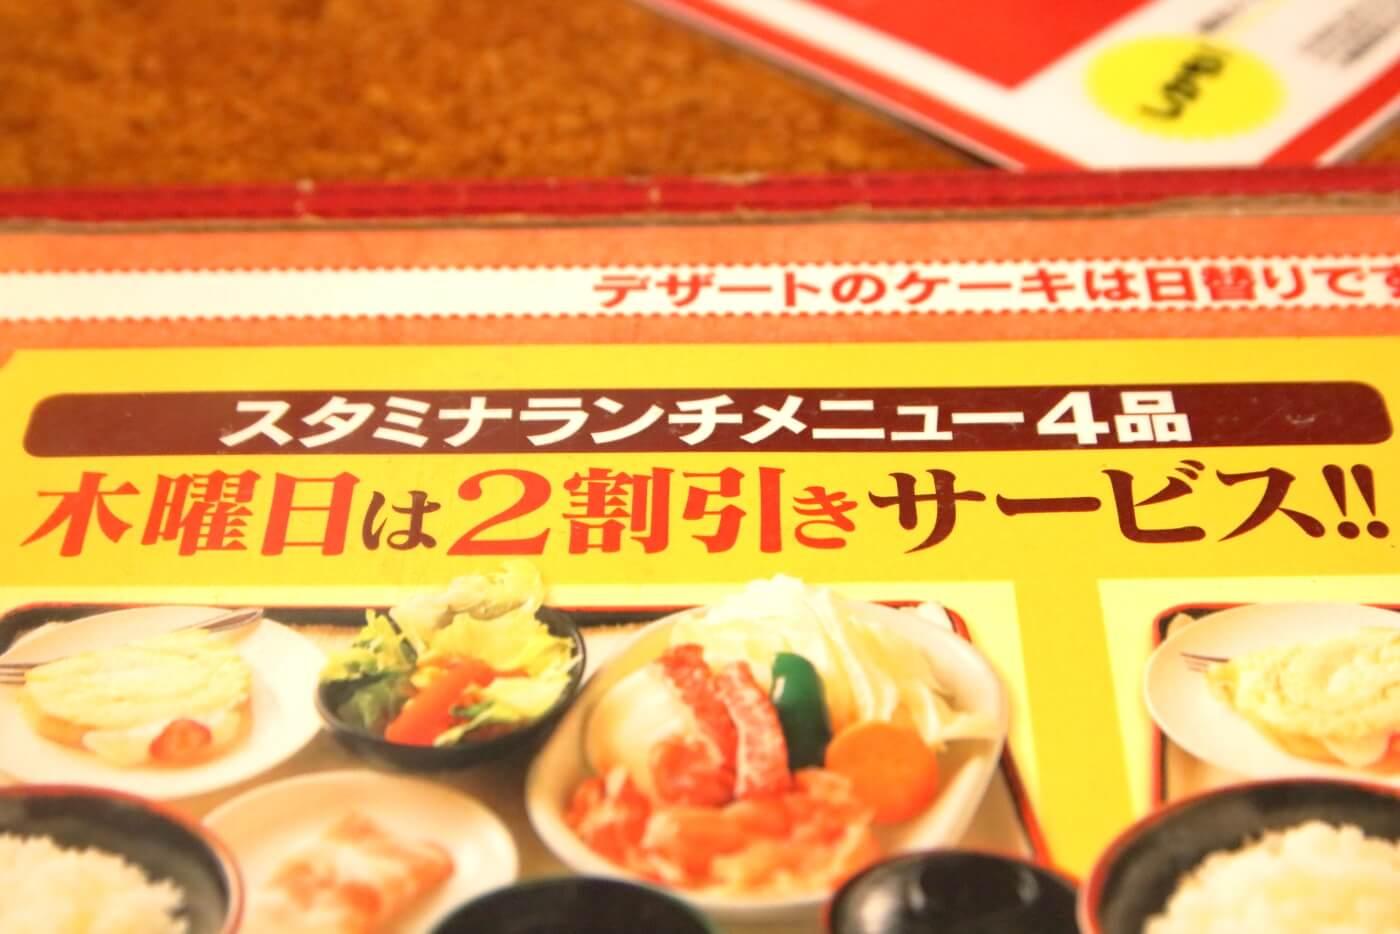 焼肉菜館 大五郎 焼肉ランチメニュー